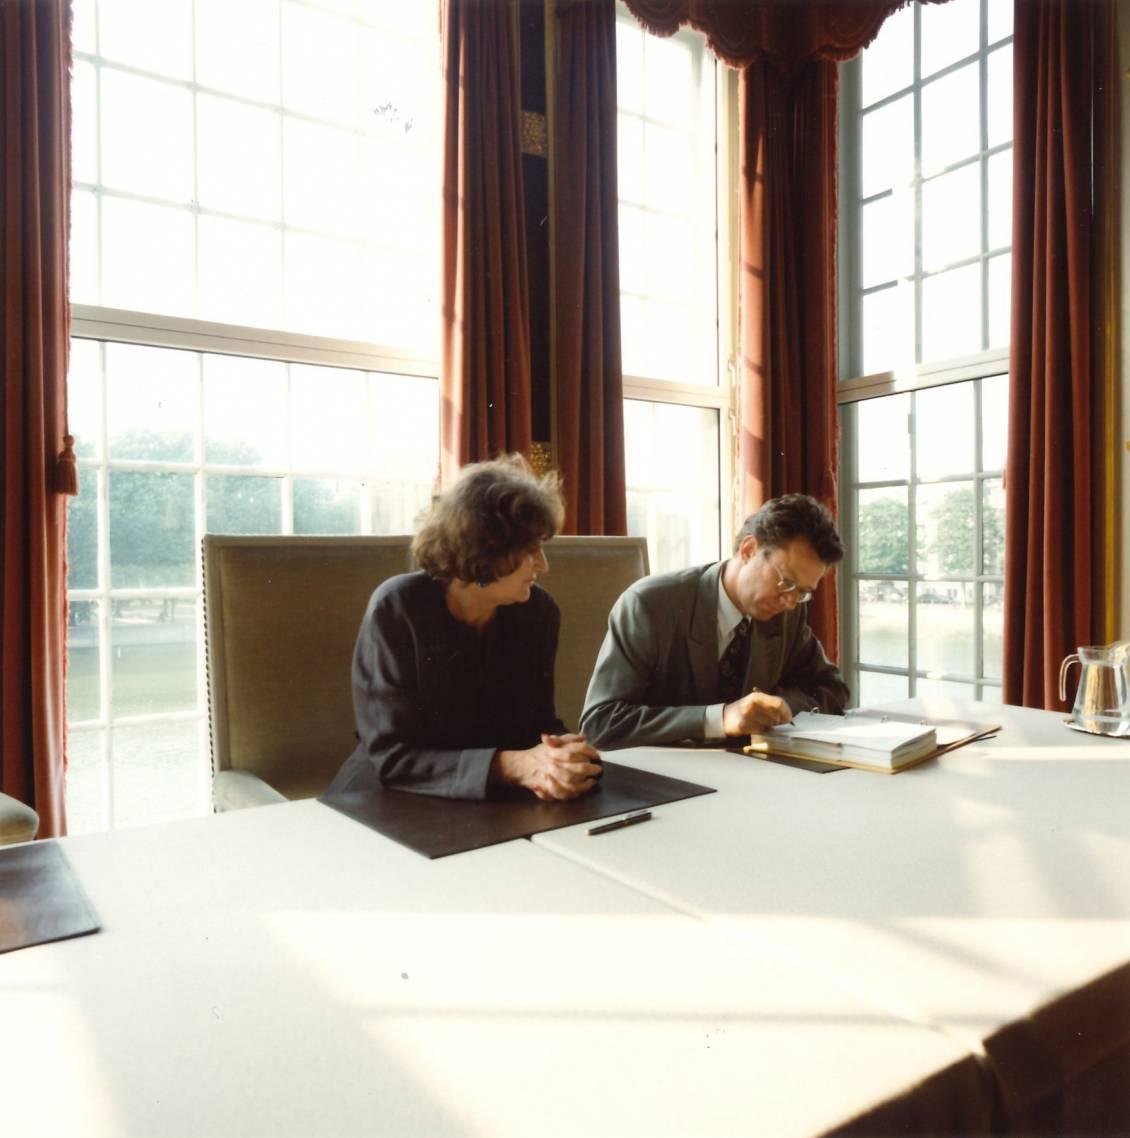 Minister van WVC Hedy d' Ancona en Evert van Straaten tekenen voor de verzelfstandiging van Rijksmuseum Kröller-Müller